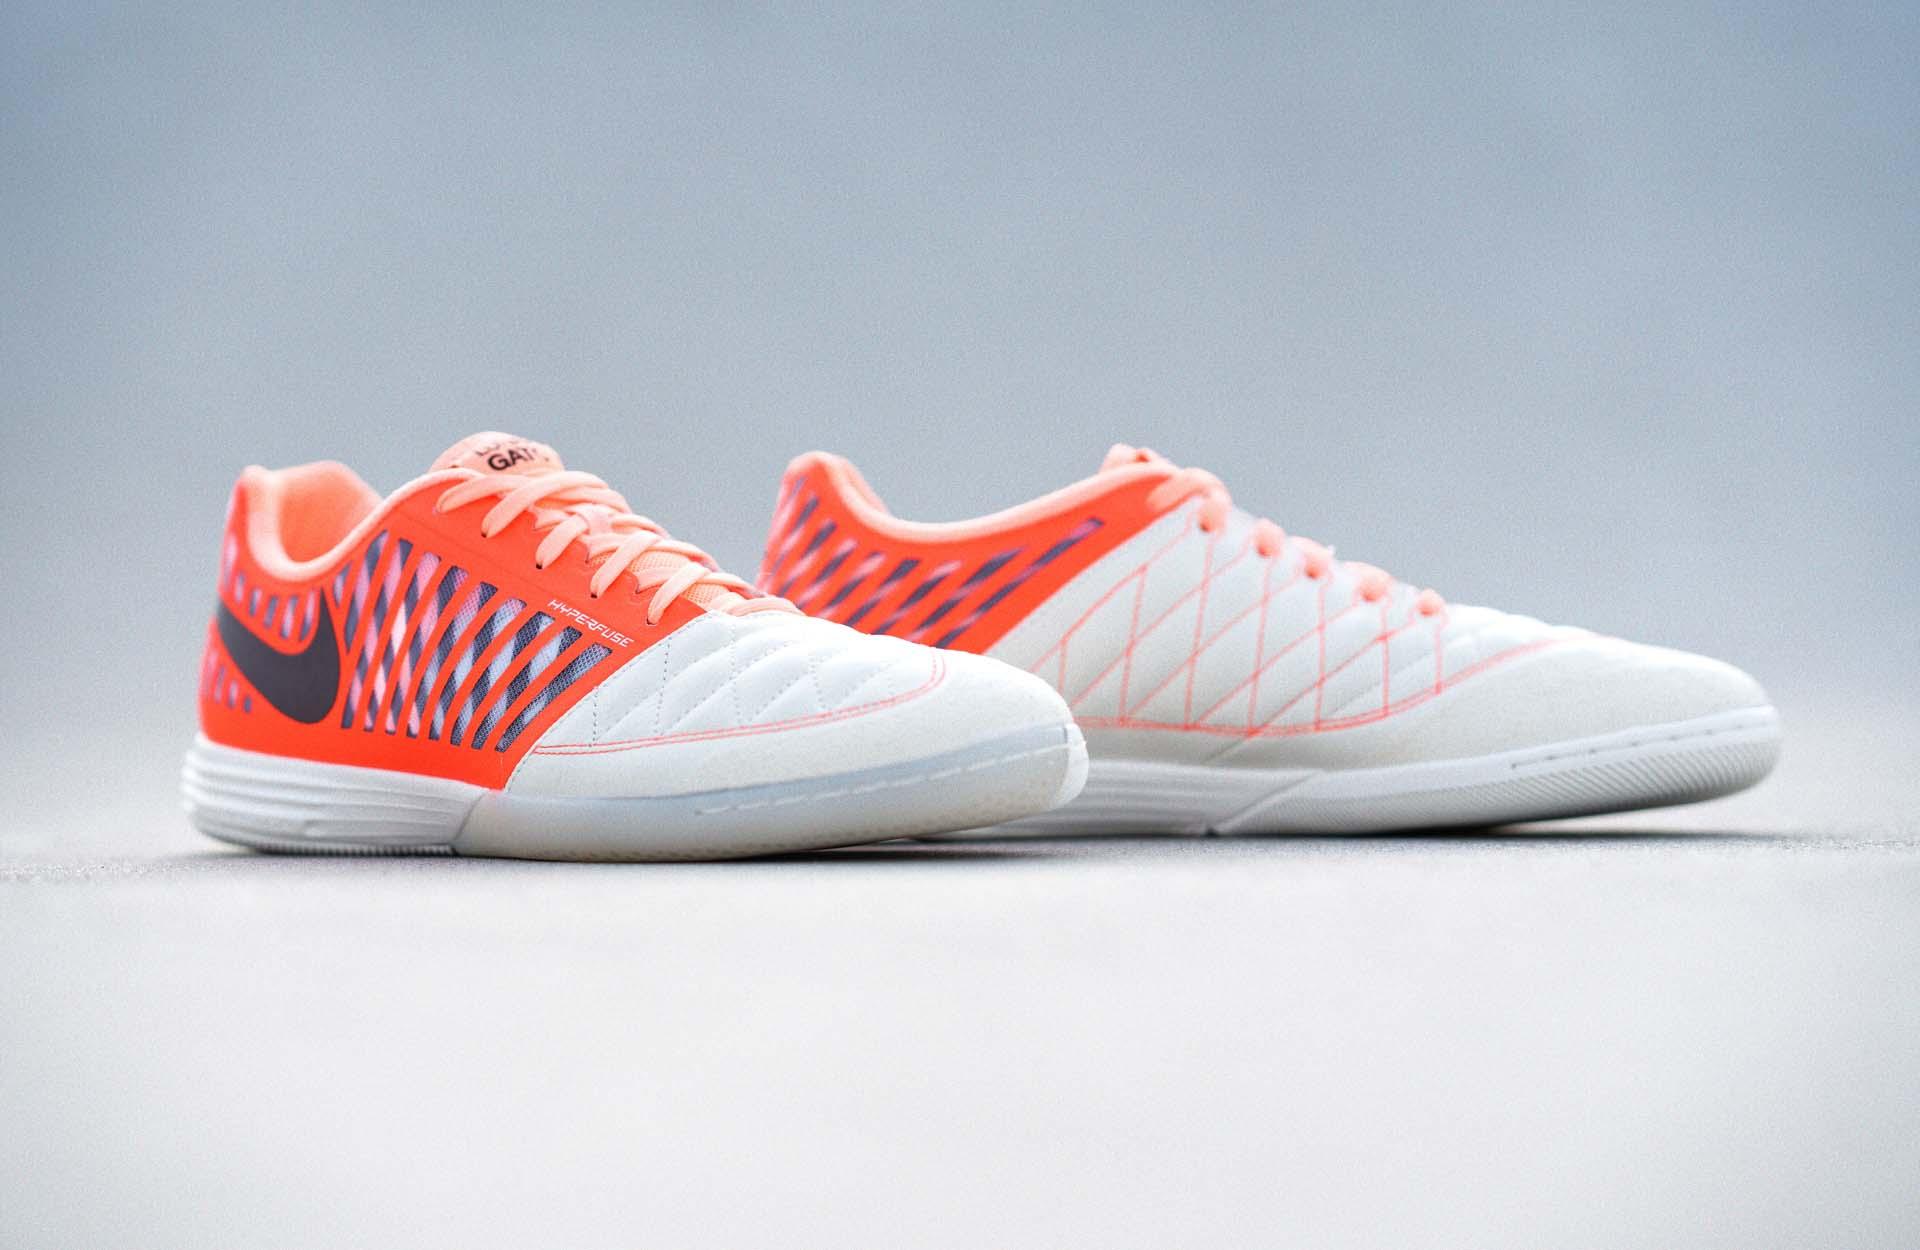 Giày đá banh chính hãng. Giày đá banh Nike. Nike Lunar Gato